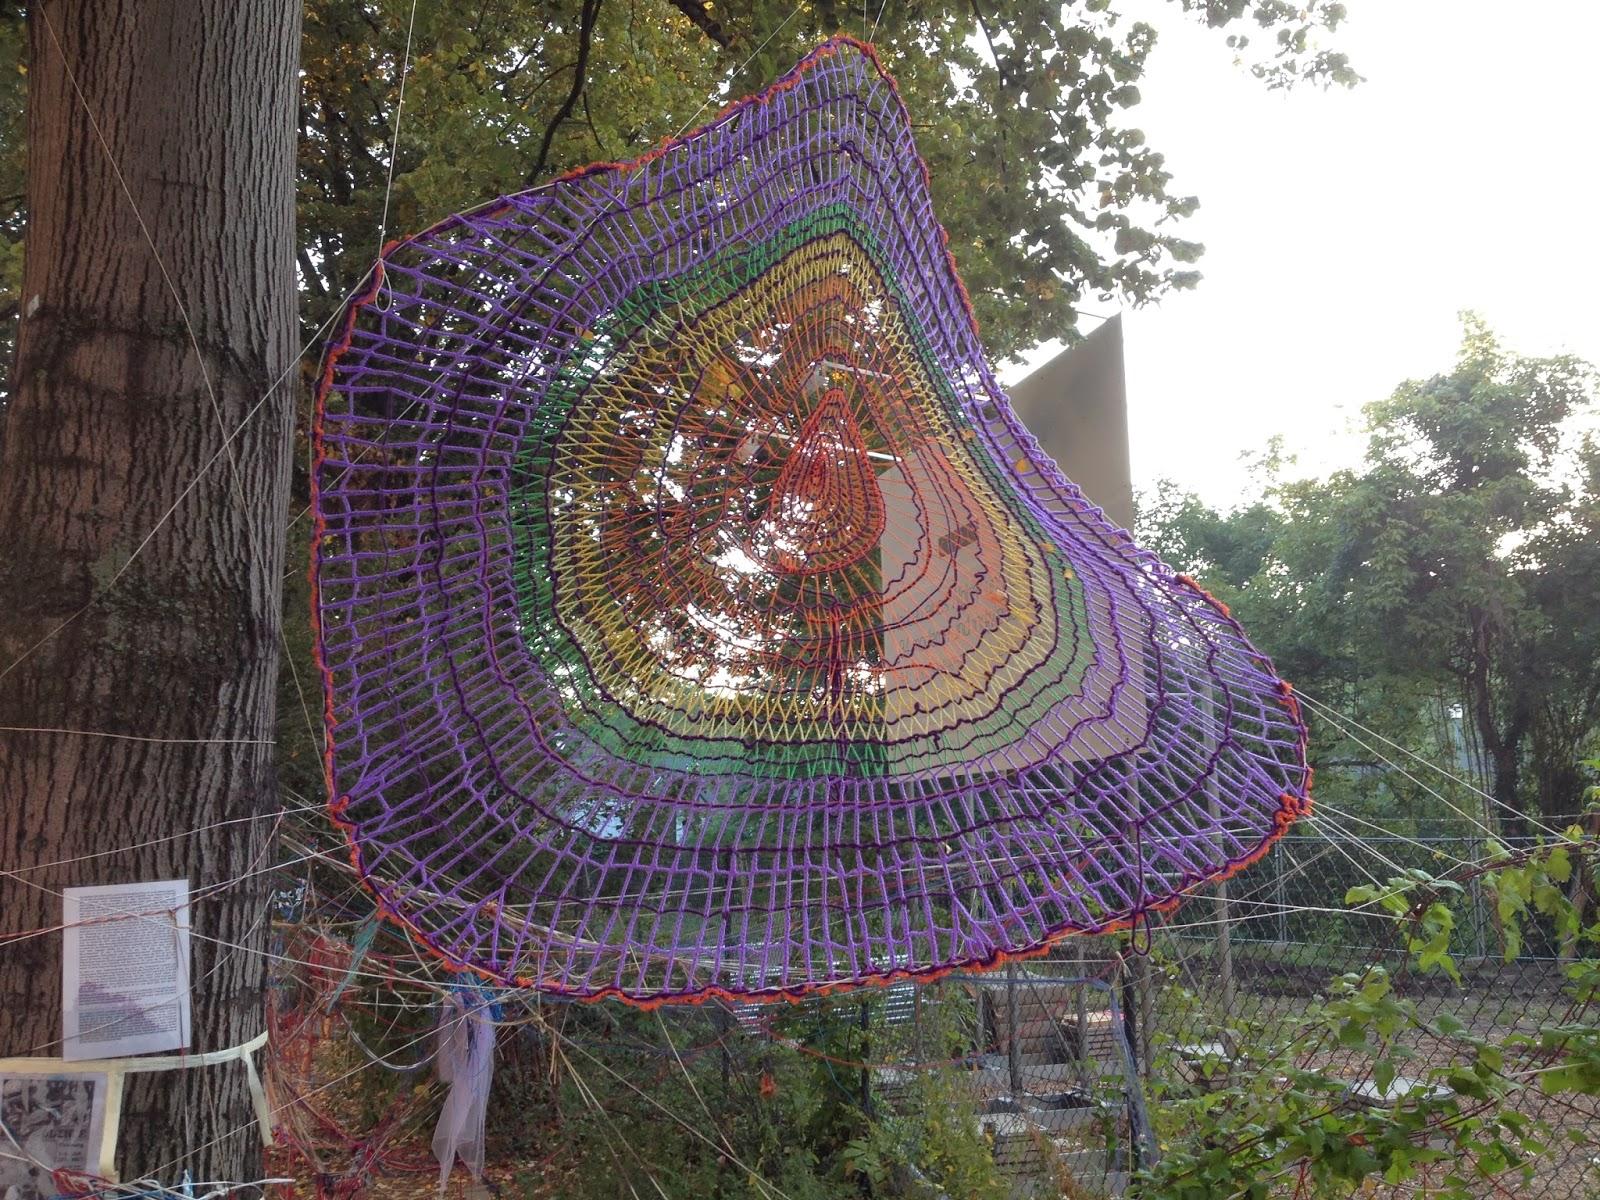 Buntes Spinnennetz aus Strickwolle im Baum